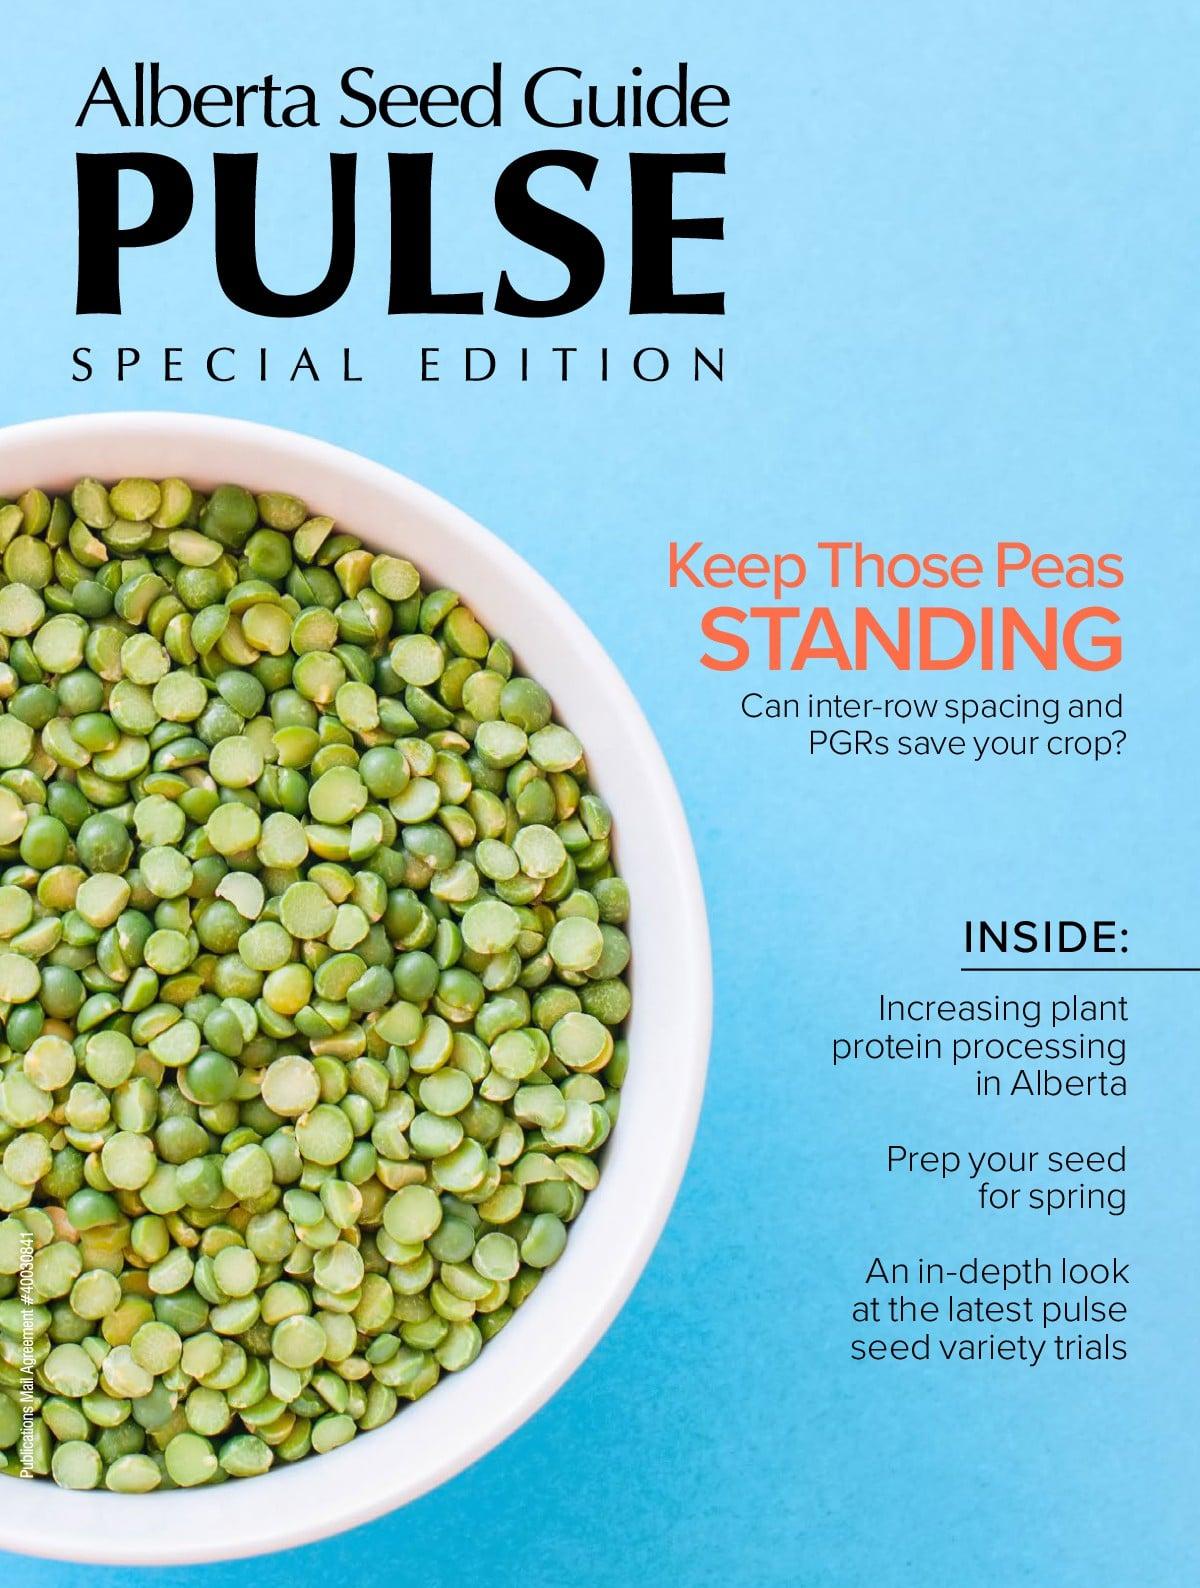 Special 2020 Pulse Edition